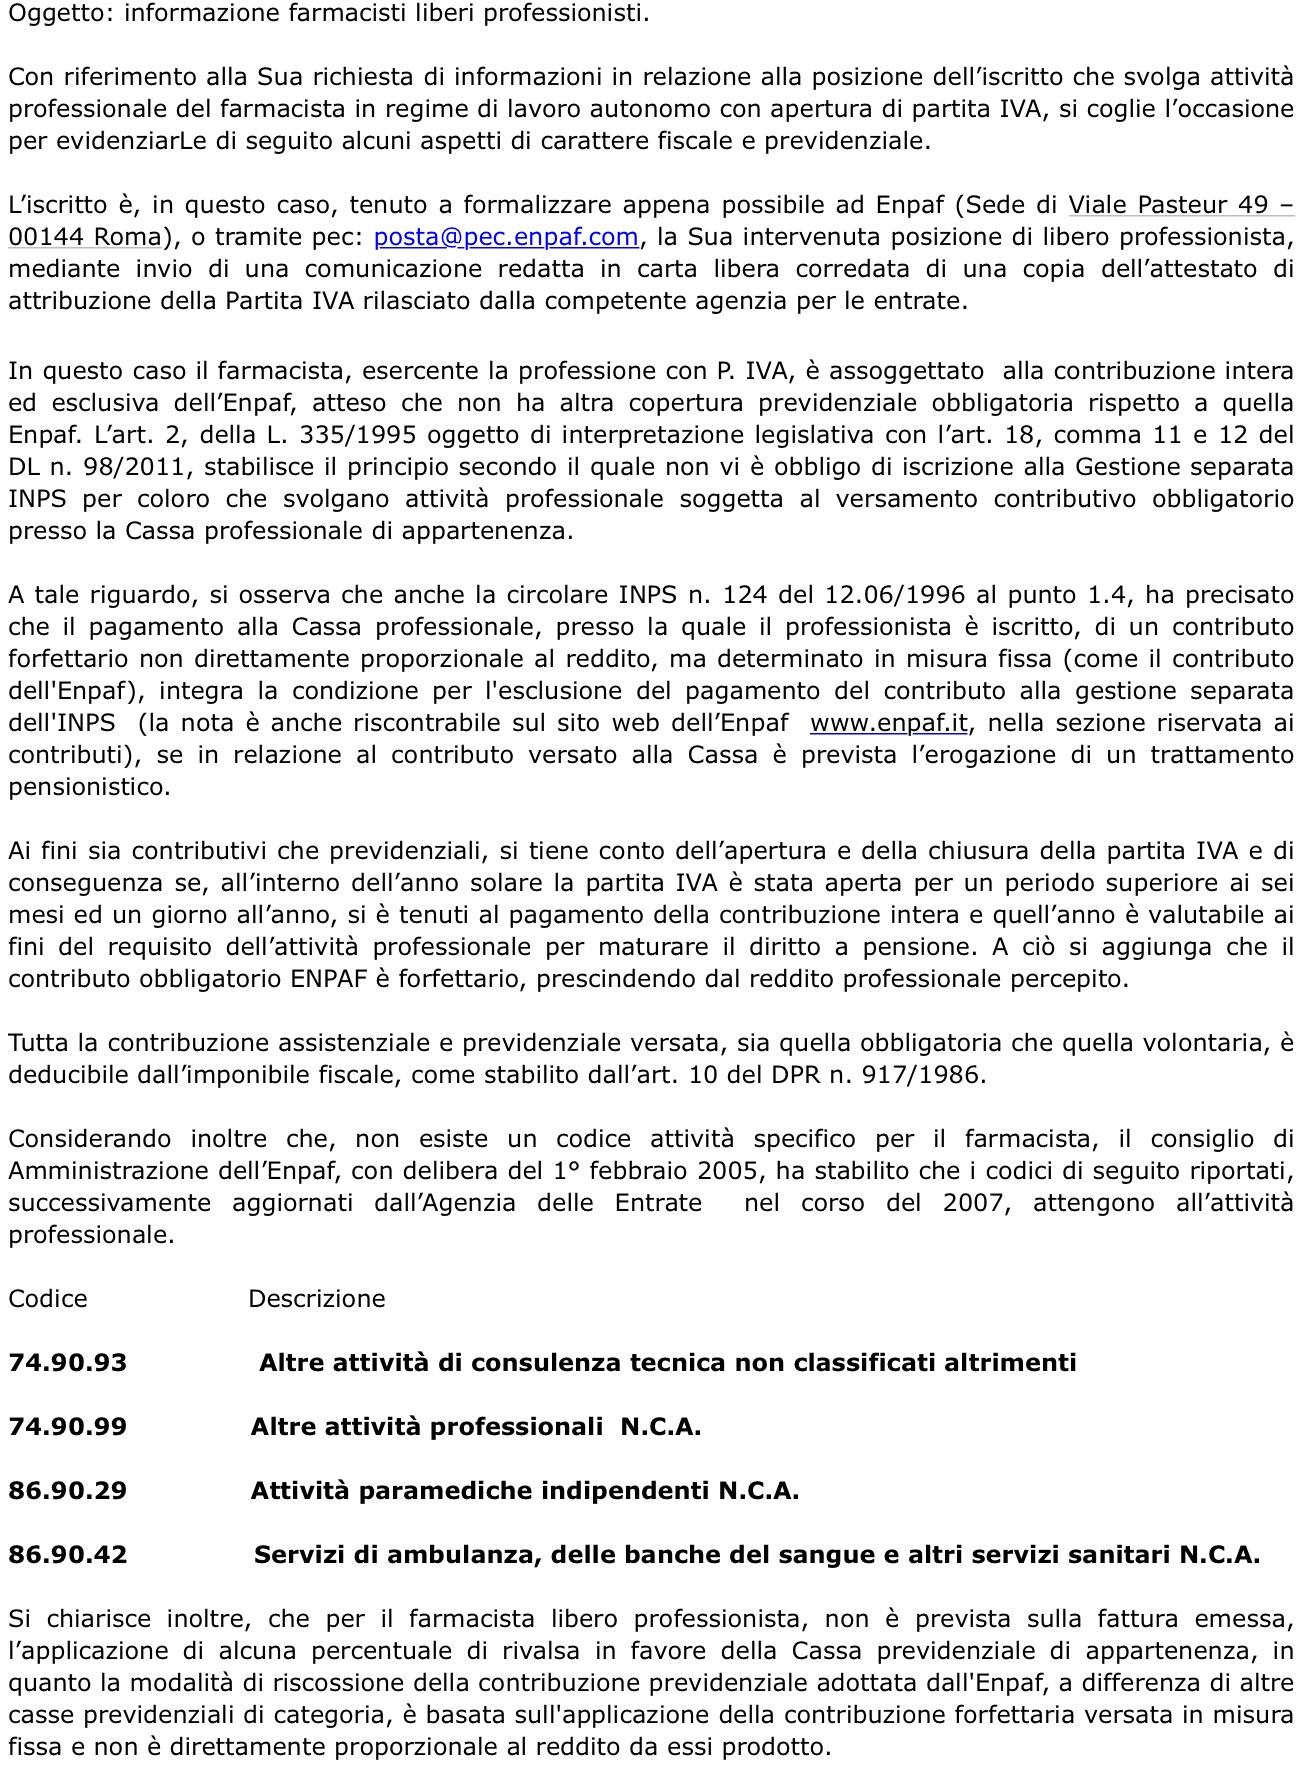 L'informativa ENPAF sul lavoro di farmacista in libera professione.